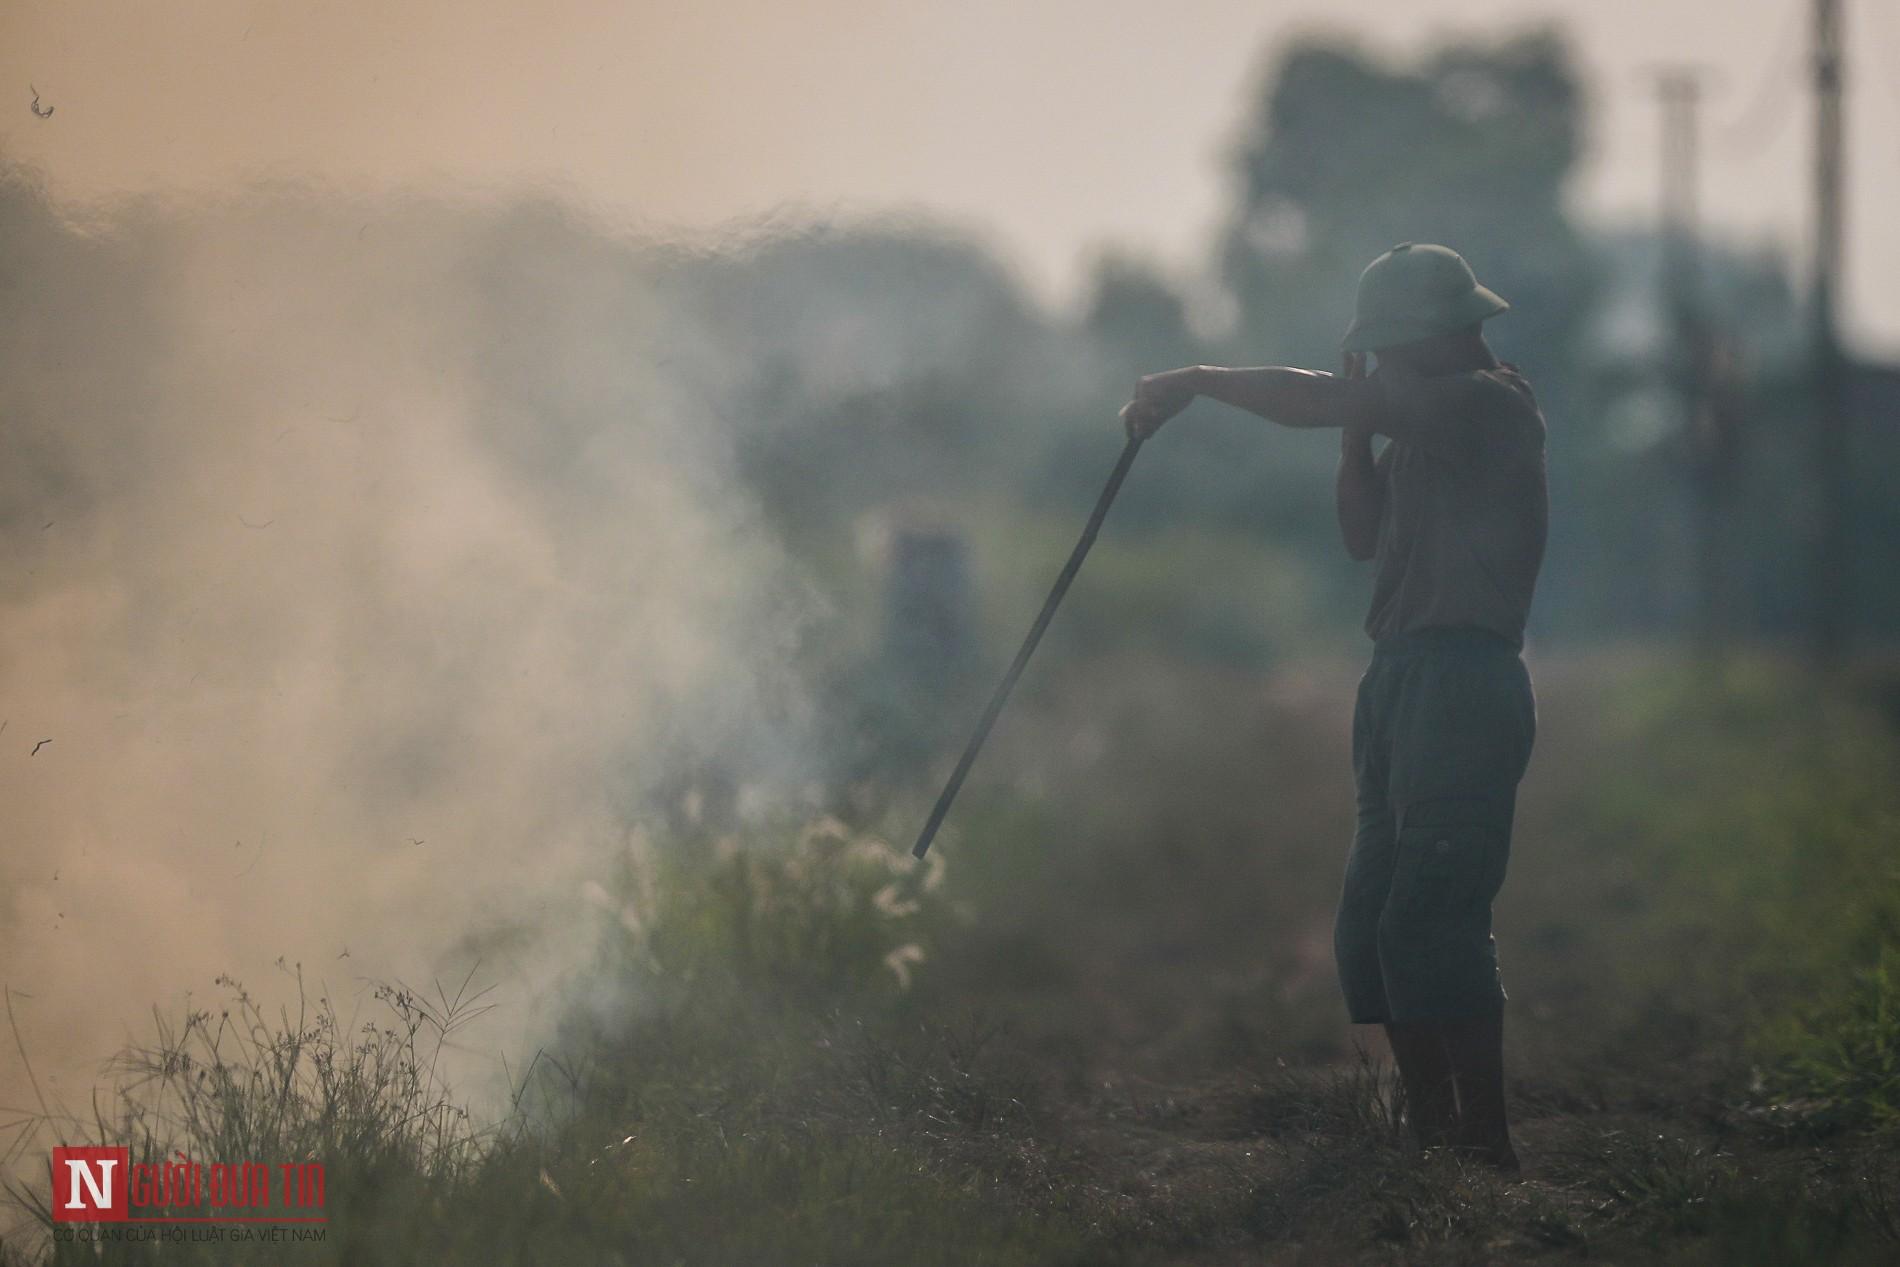 Đi tìm nguyên nhân gây khói bụi kỷ lục tại Hà Nội 4